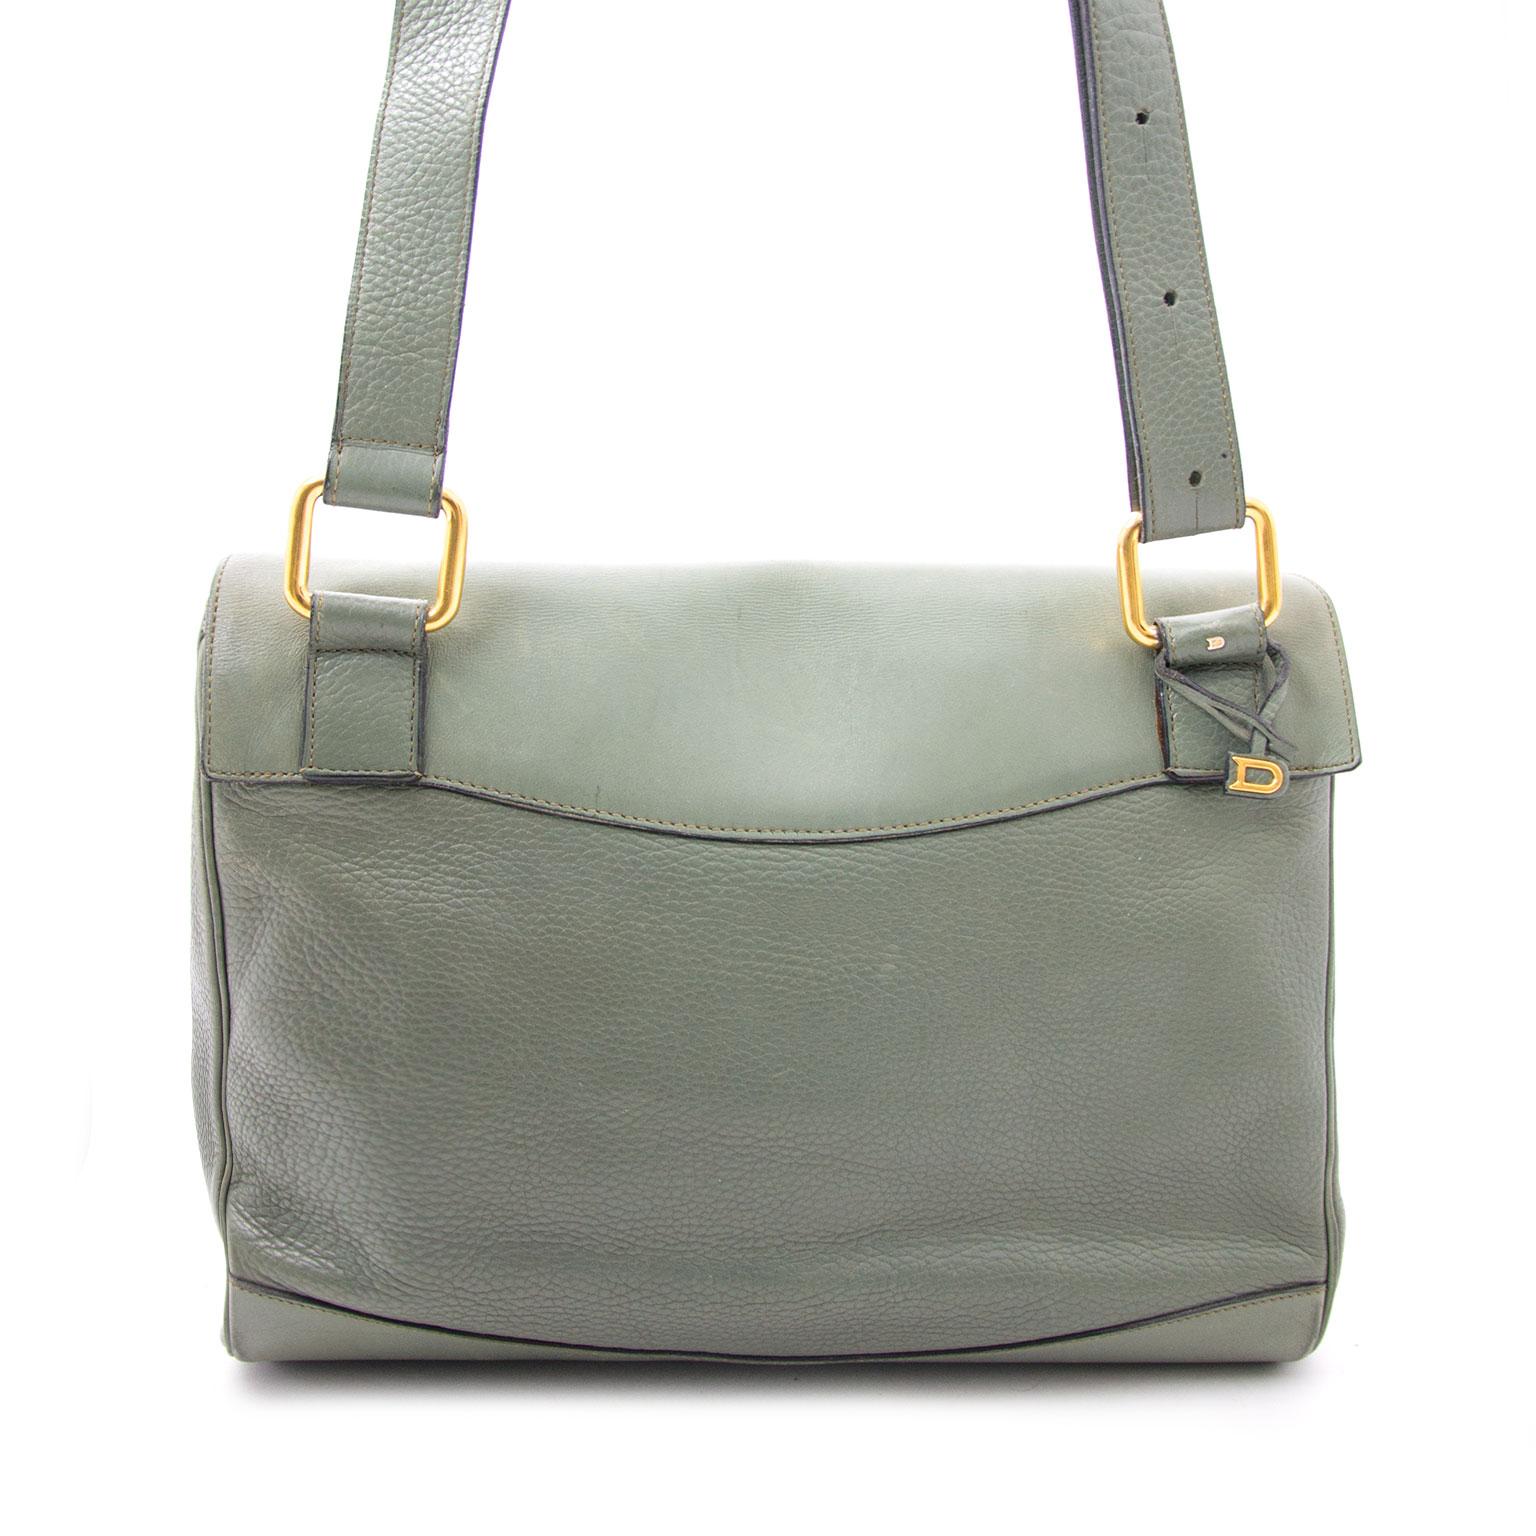 Pistache Delvaux Satchel Bag available on the Labellov webshop